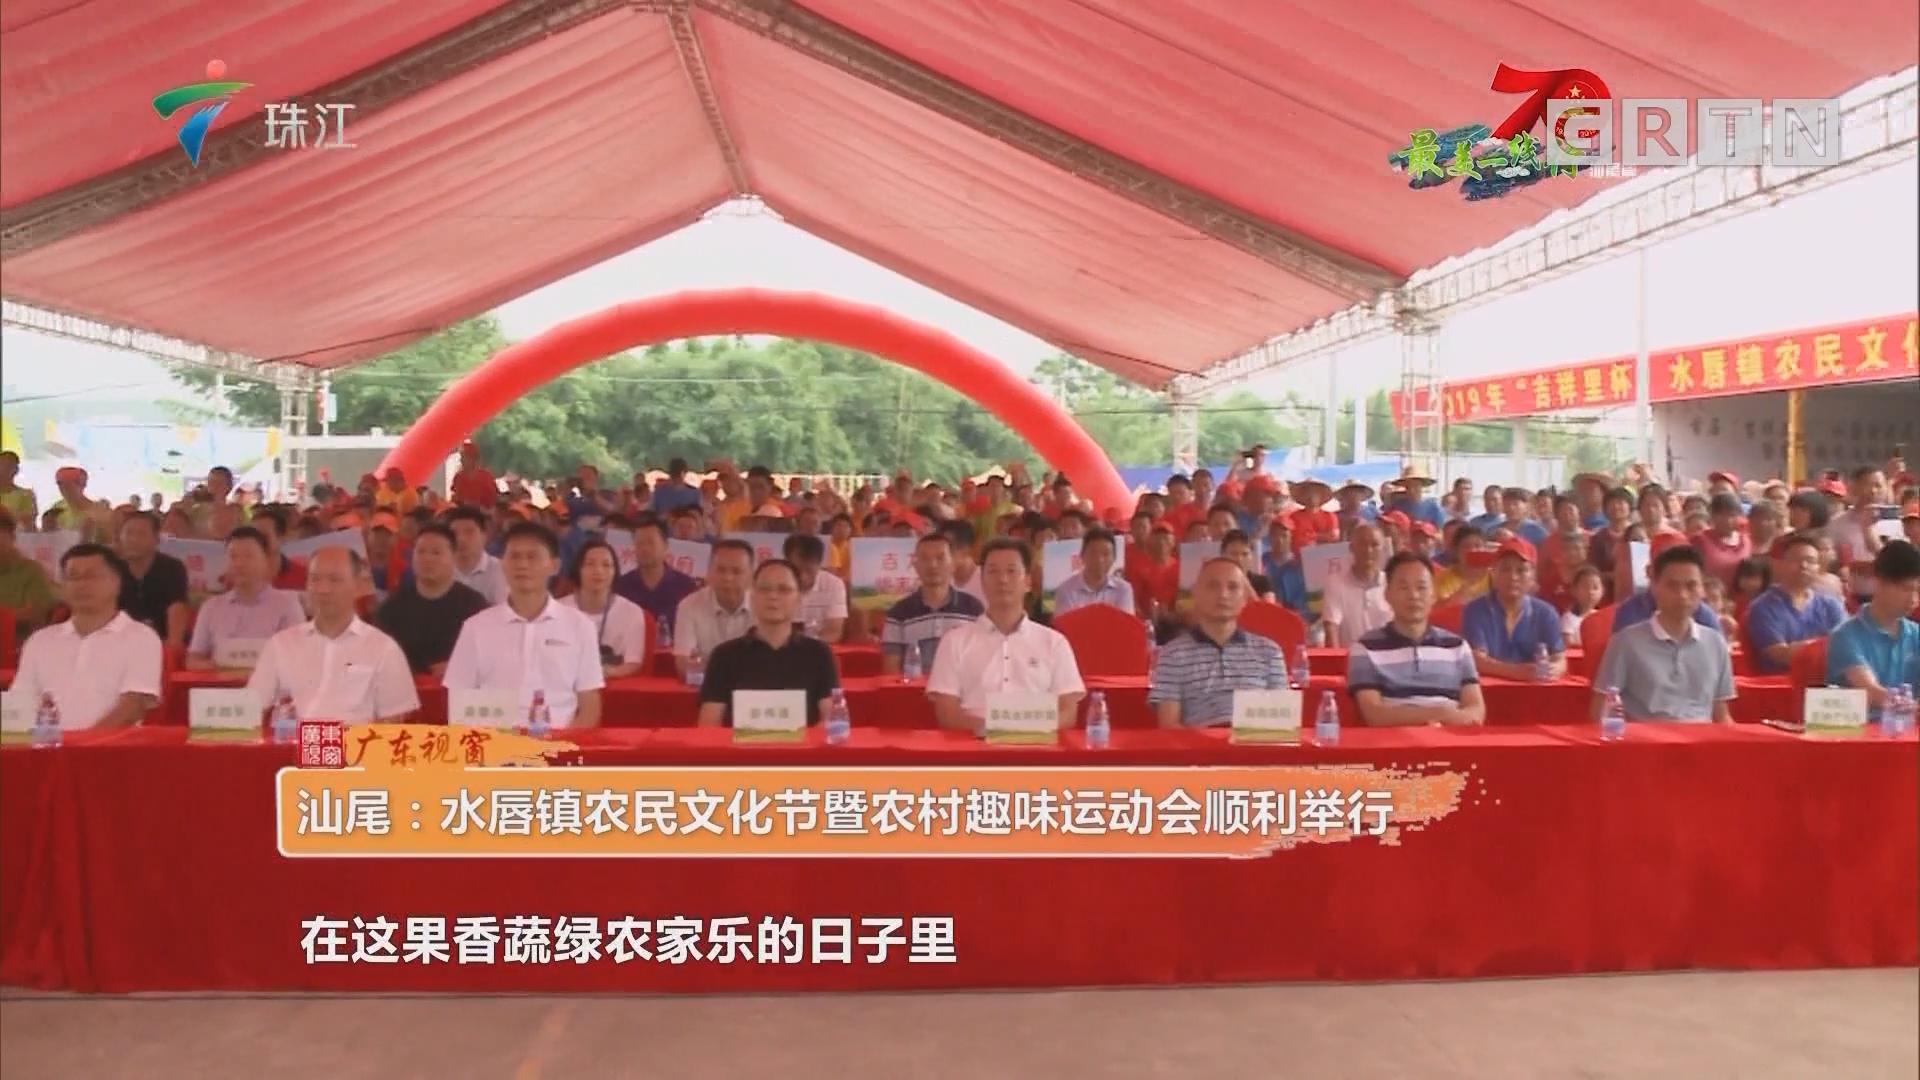 汕尾:水唇镇农民文化节暨农村趣味运动会顺利举行